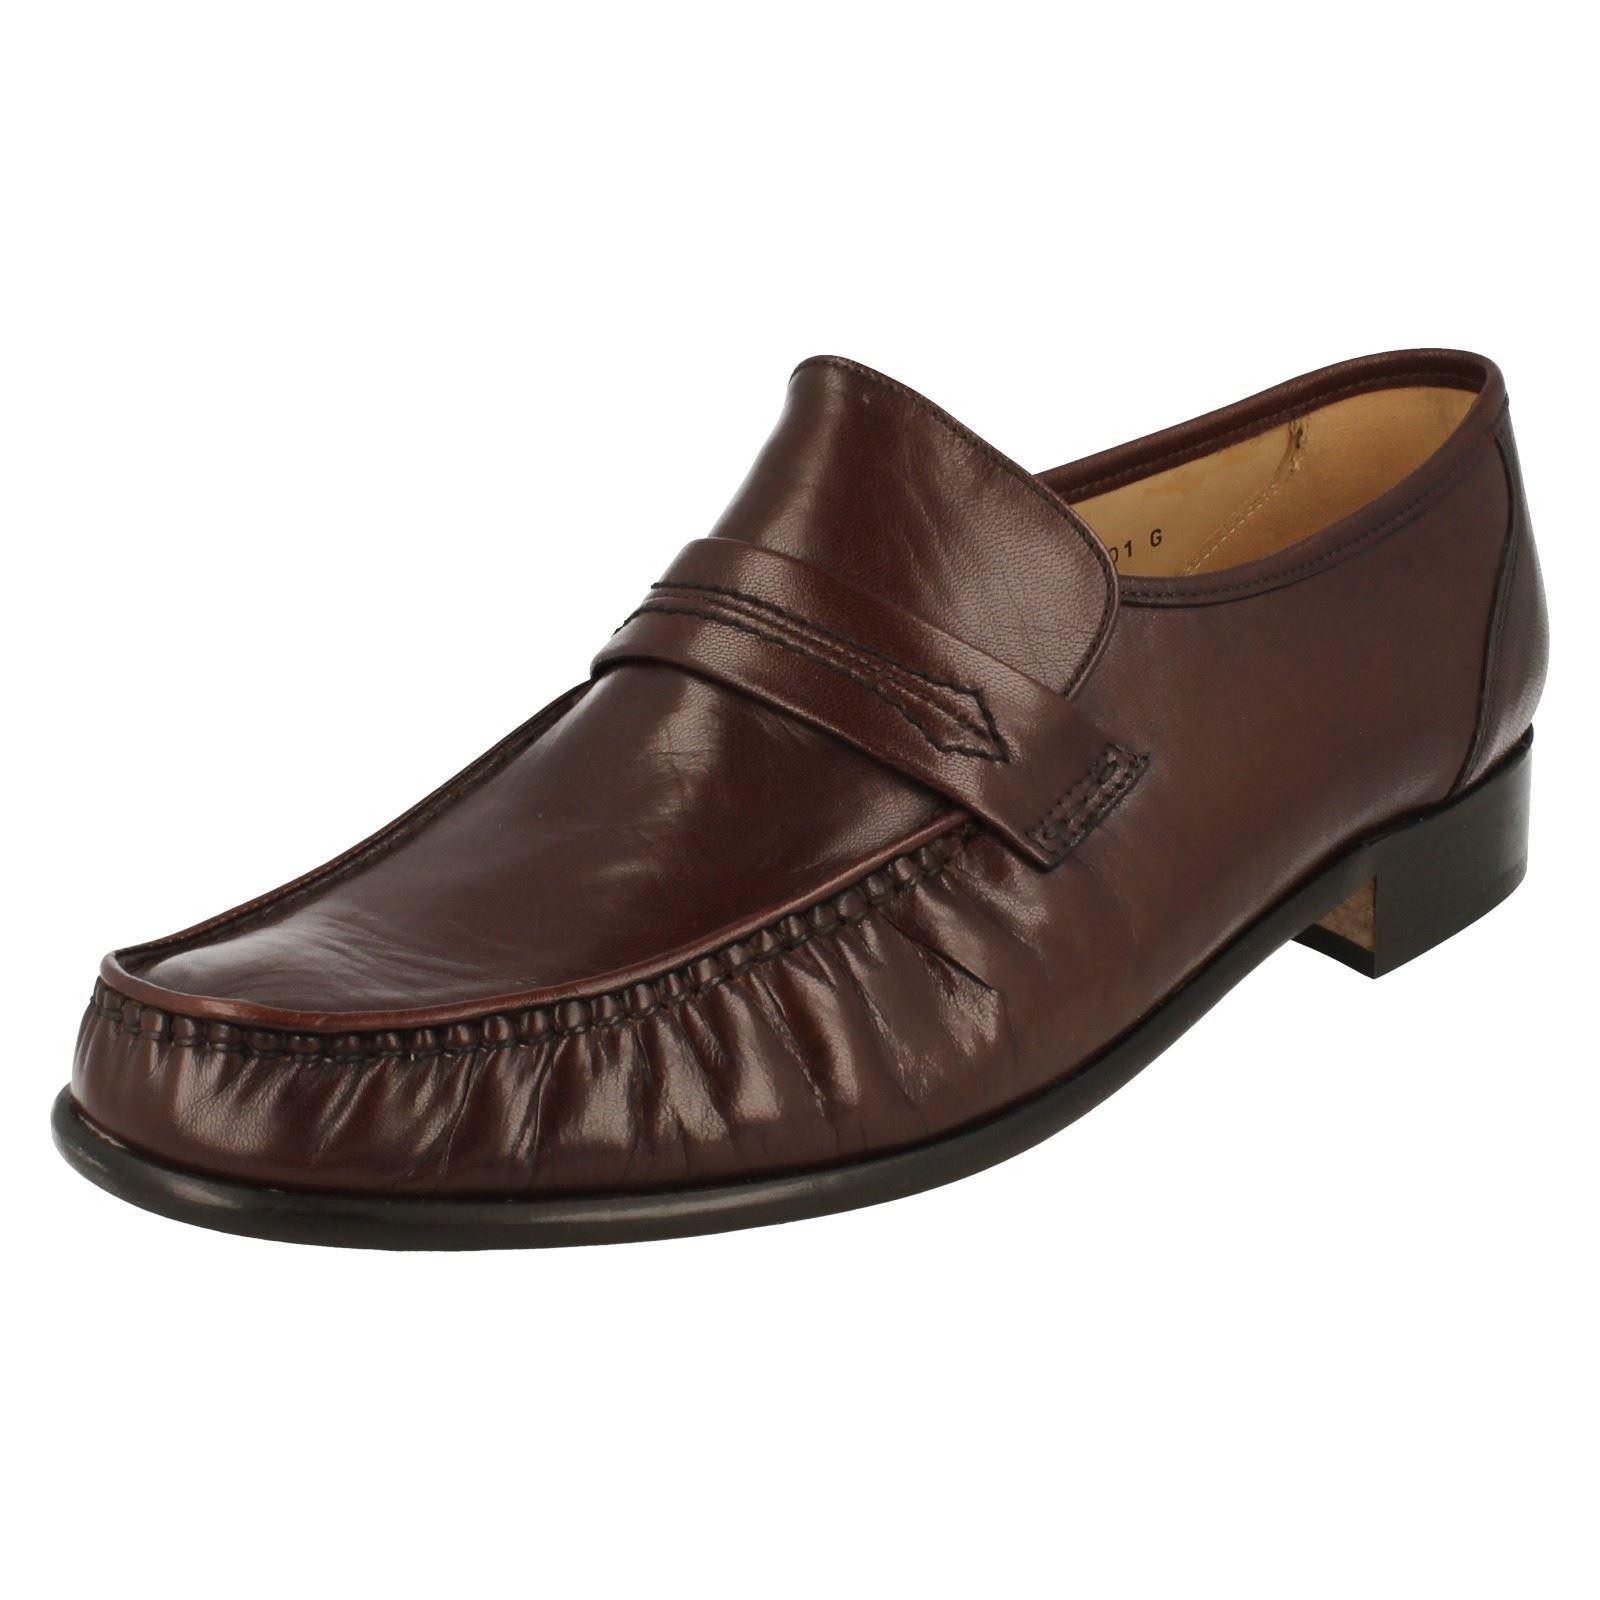 Grenson' Watford A Herren braunes Leder True Mokassin ohne Bügel Slipper Schuh G